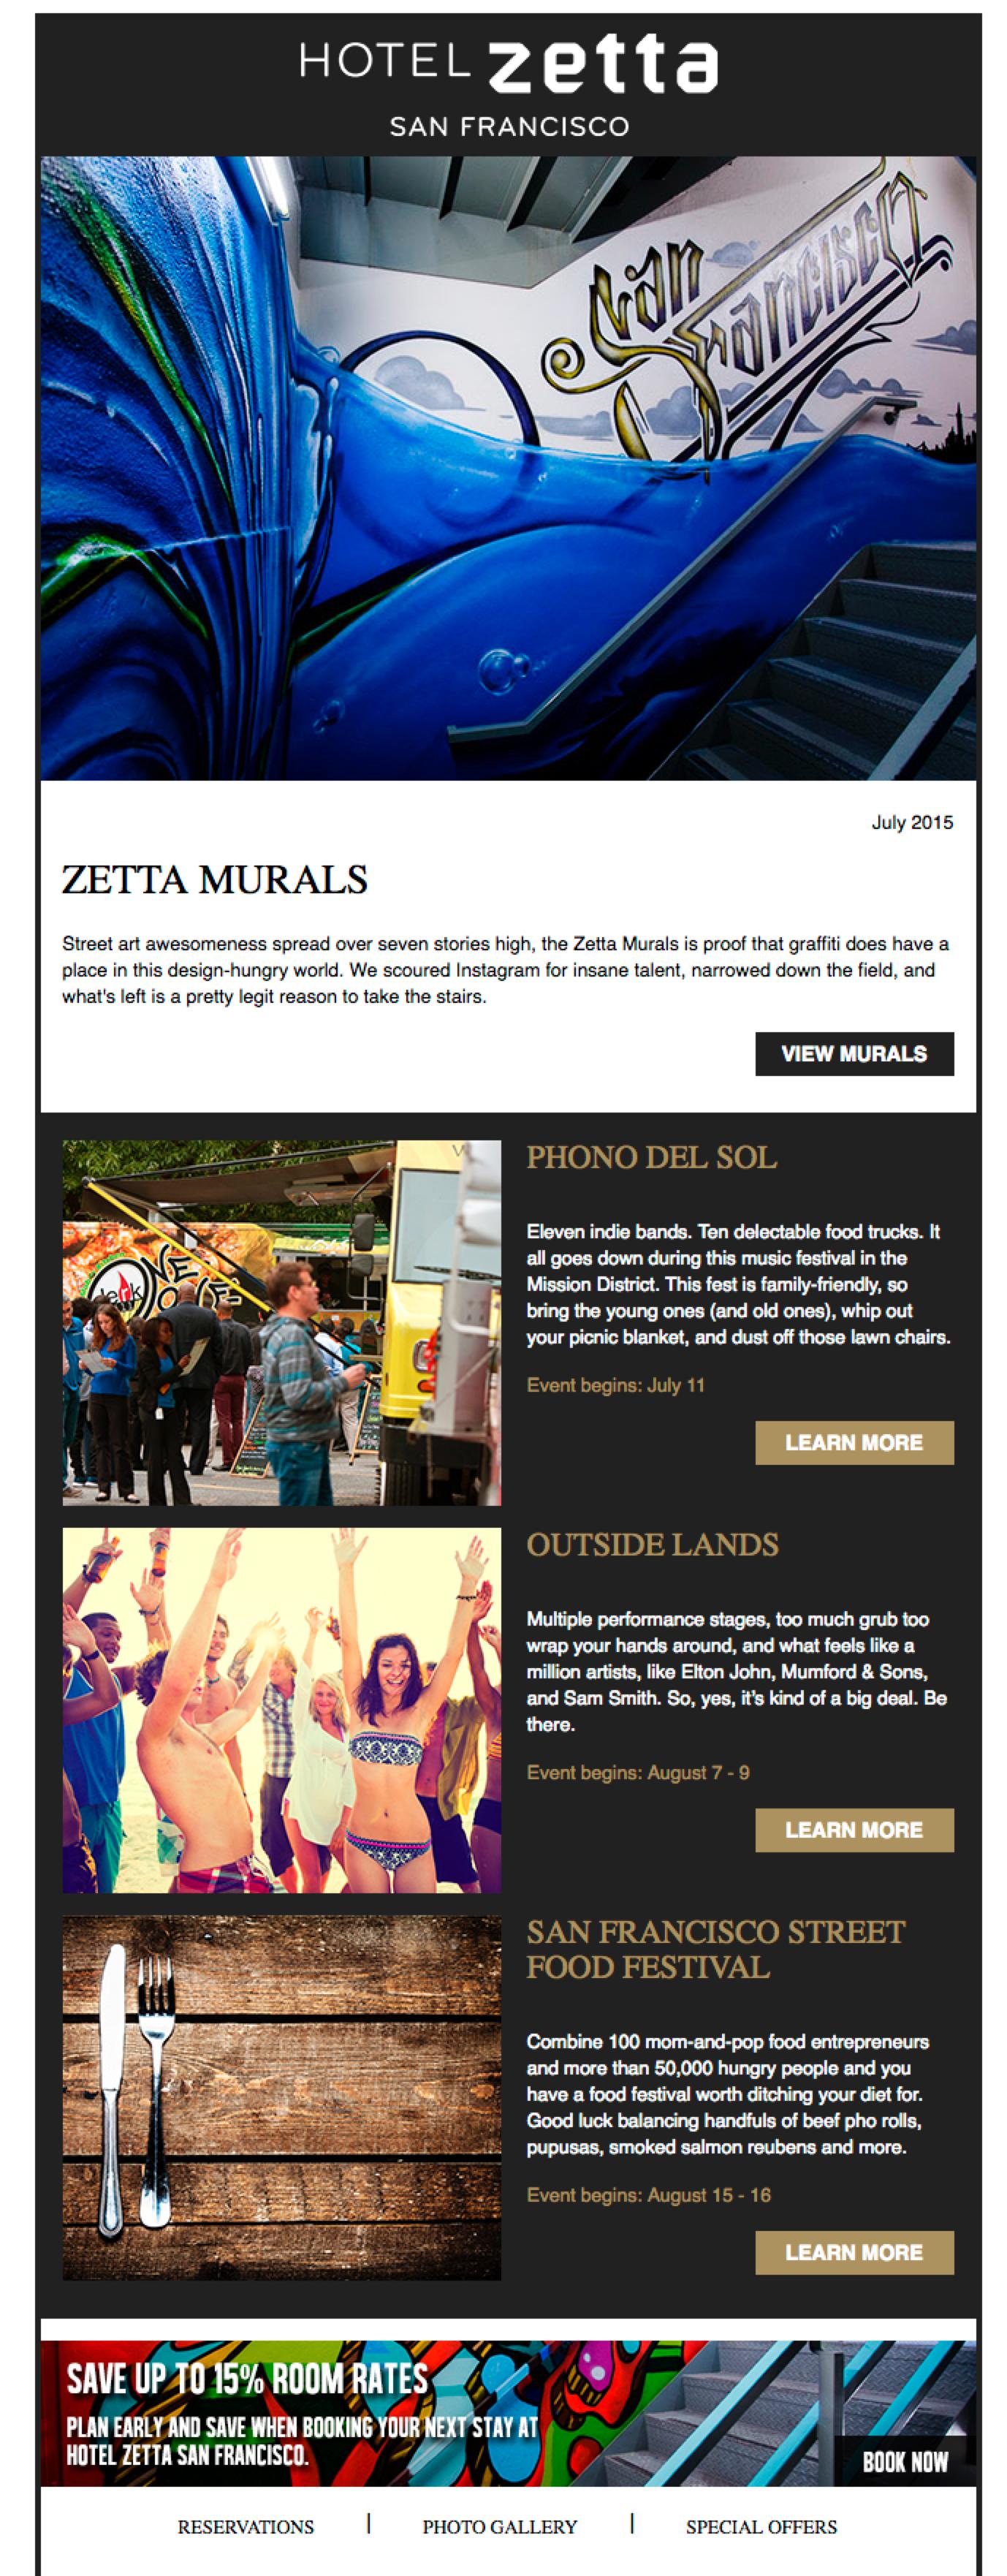 Hotel Zetta Email